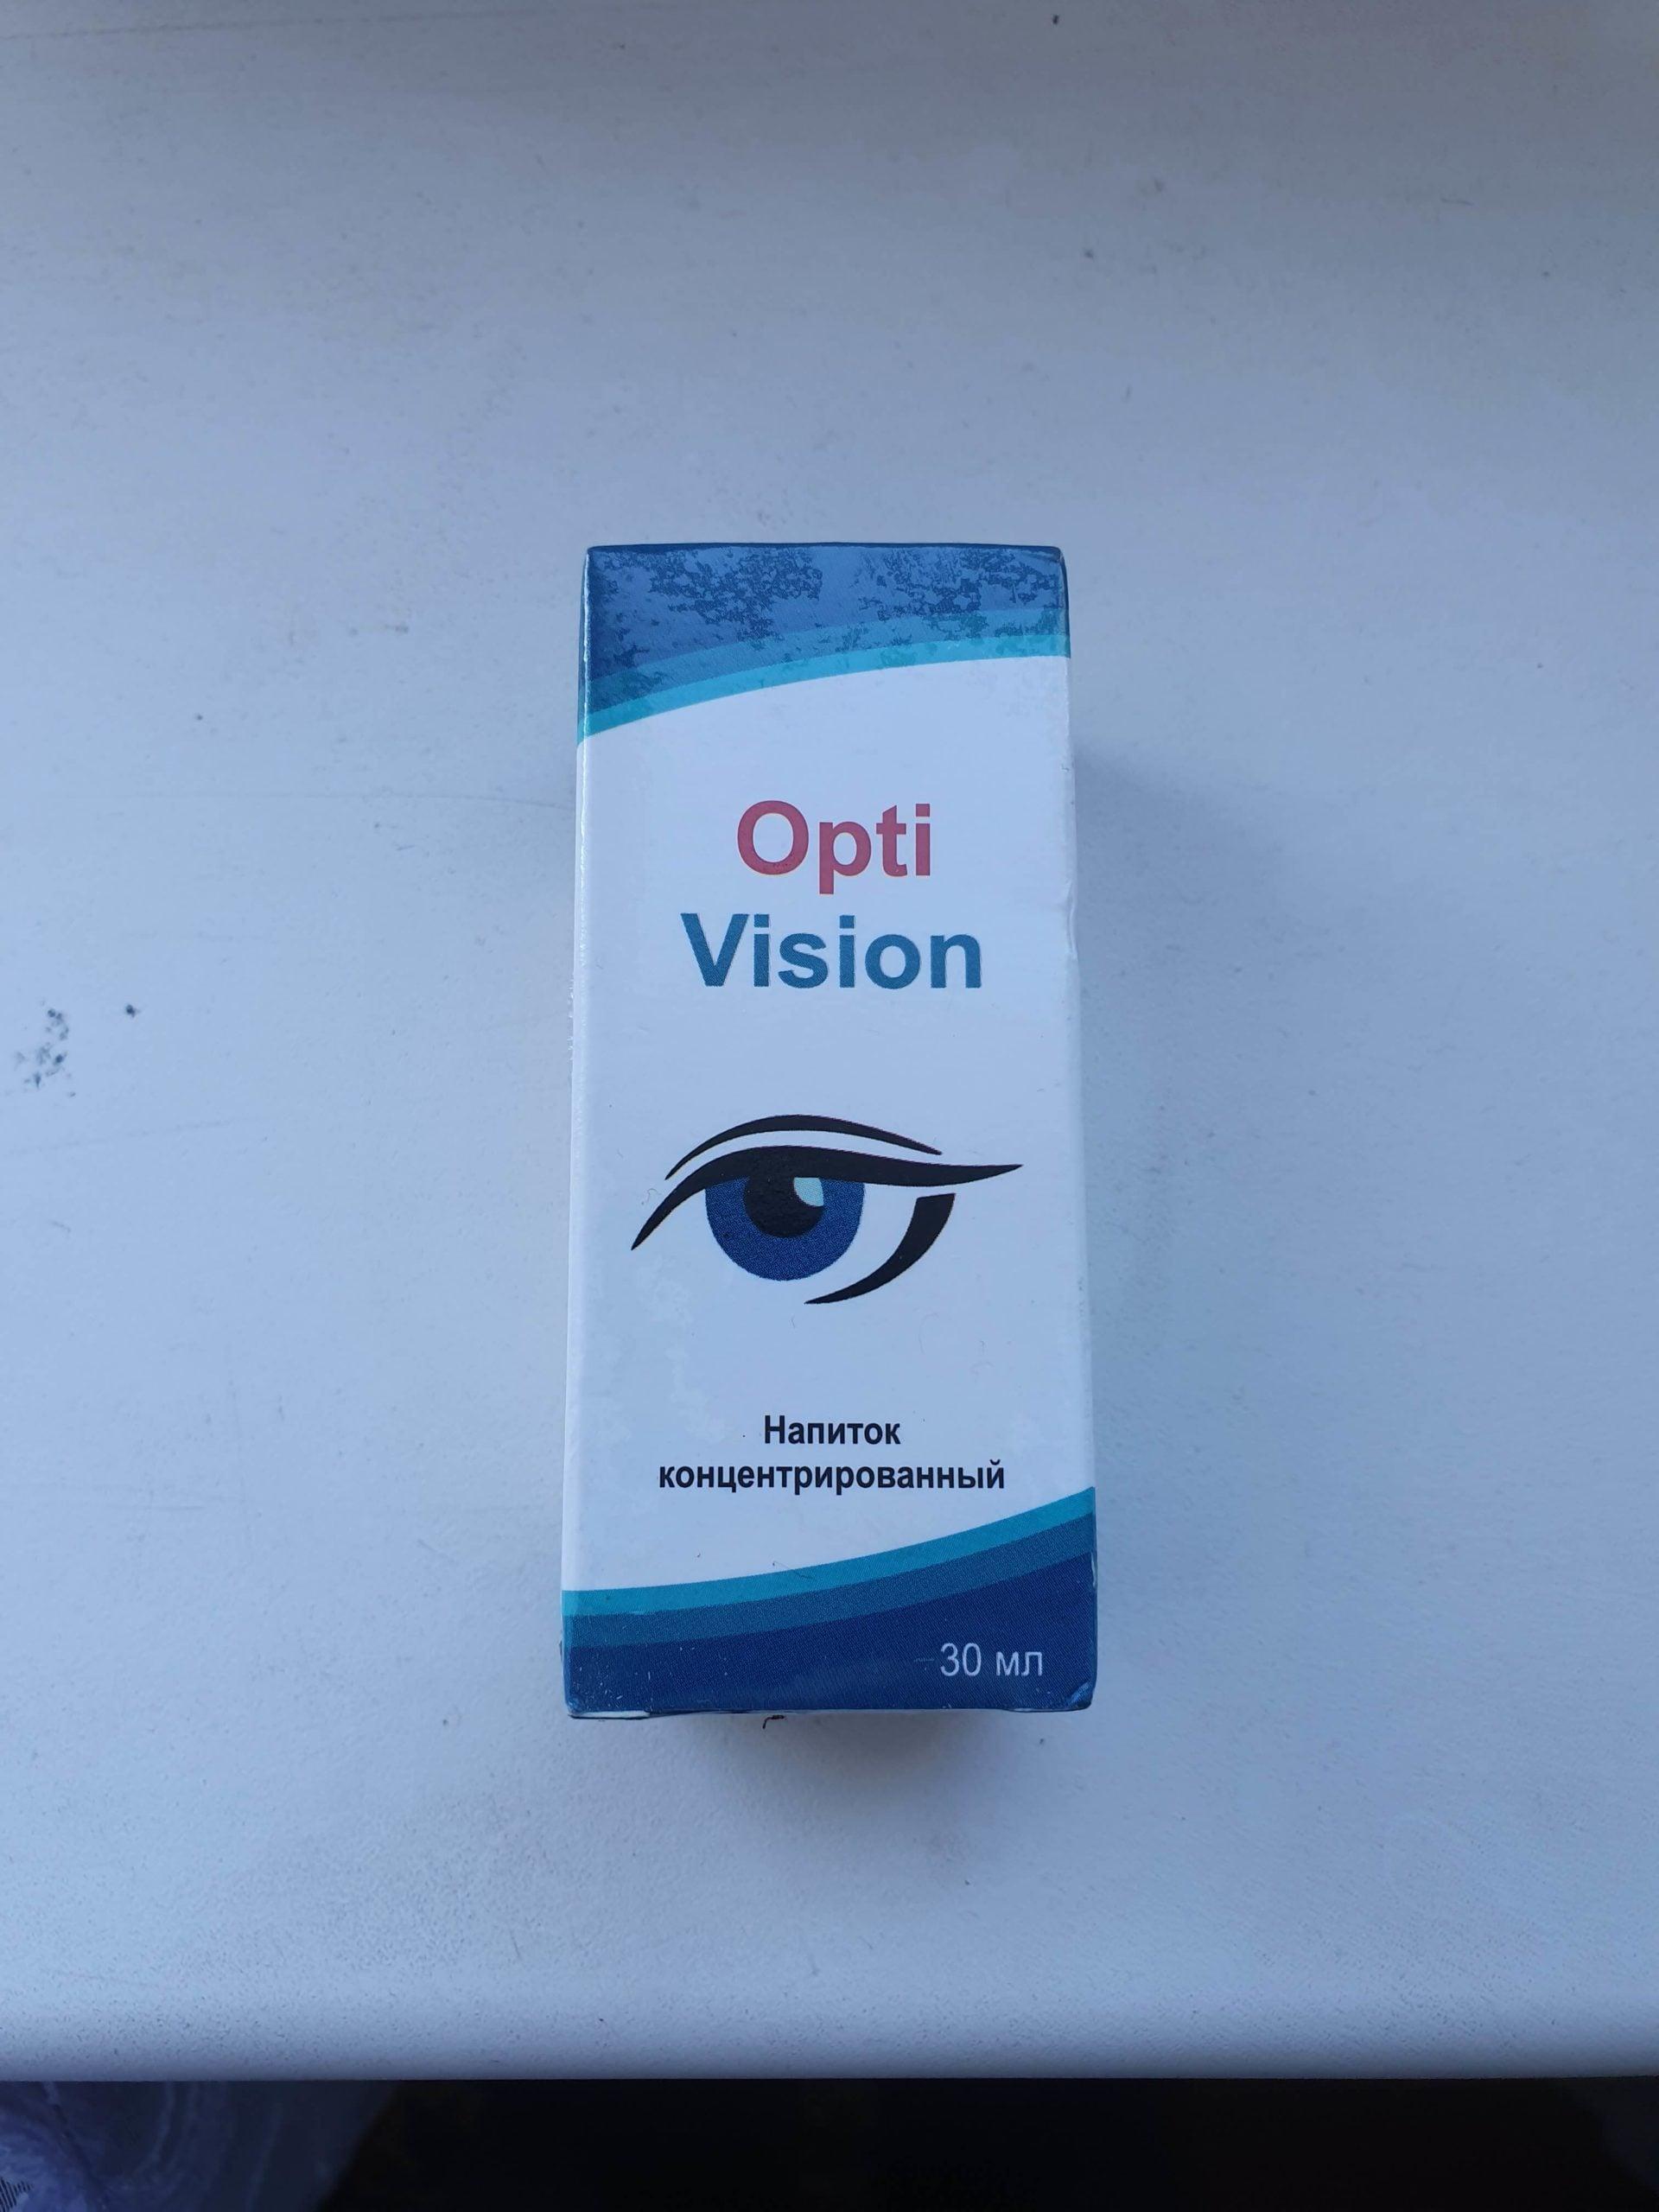 picături inovatoare pentru restabilirea vederii